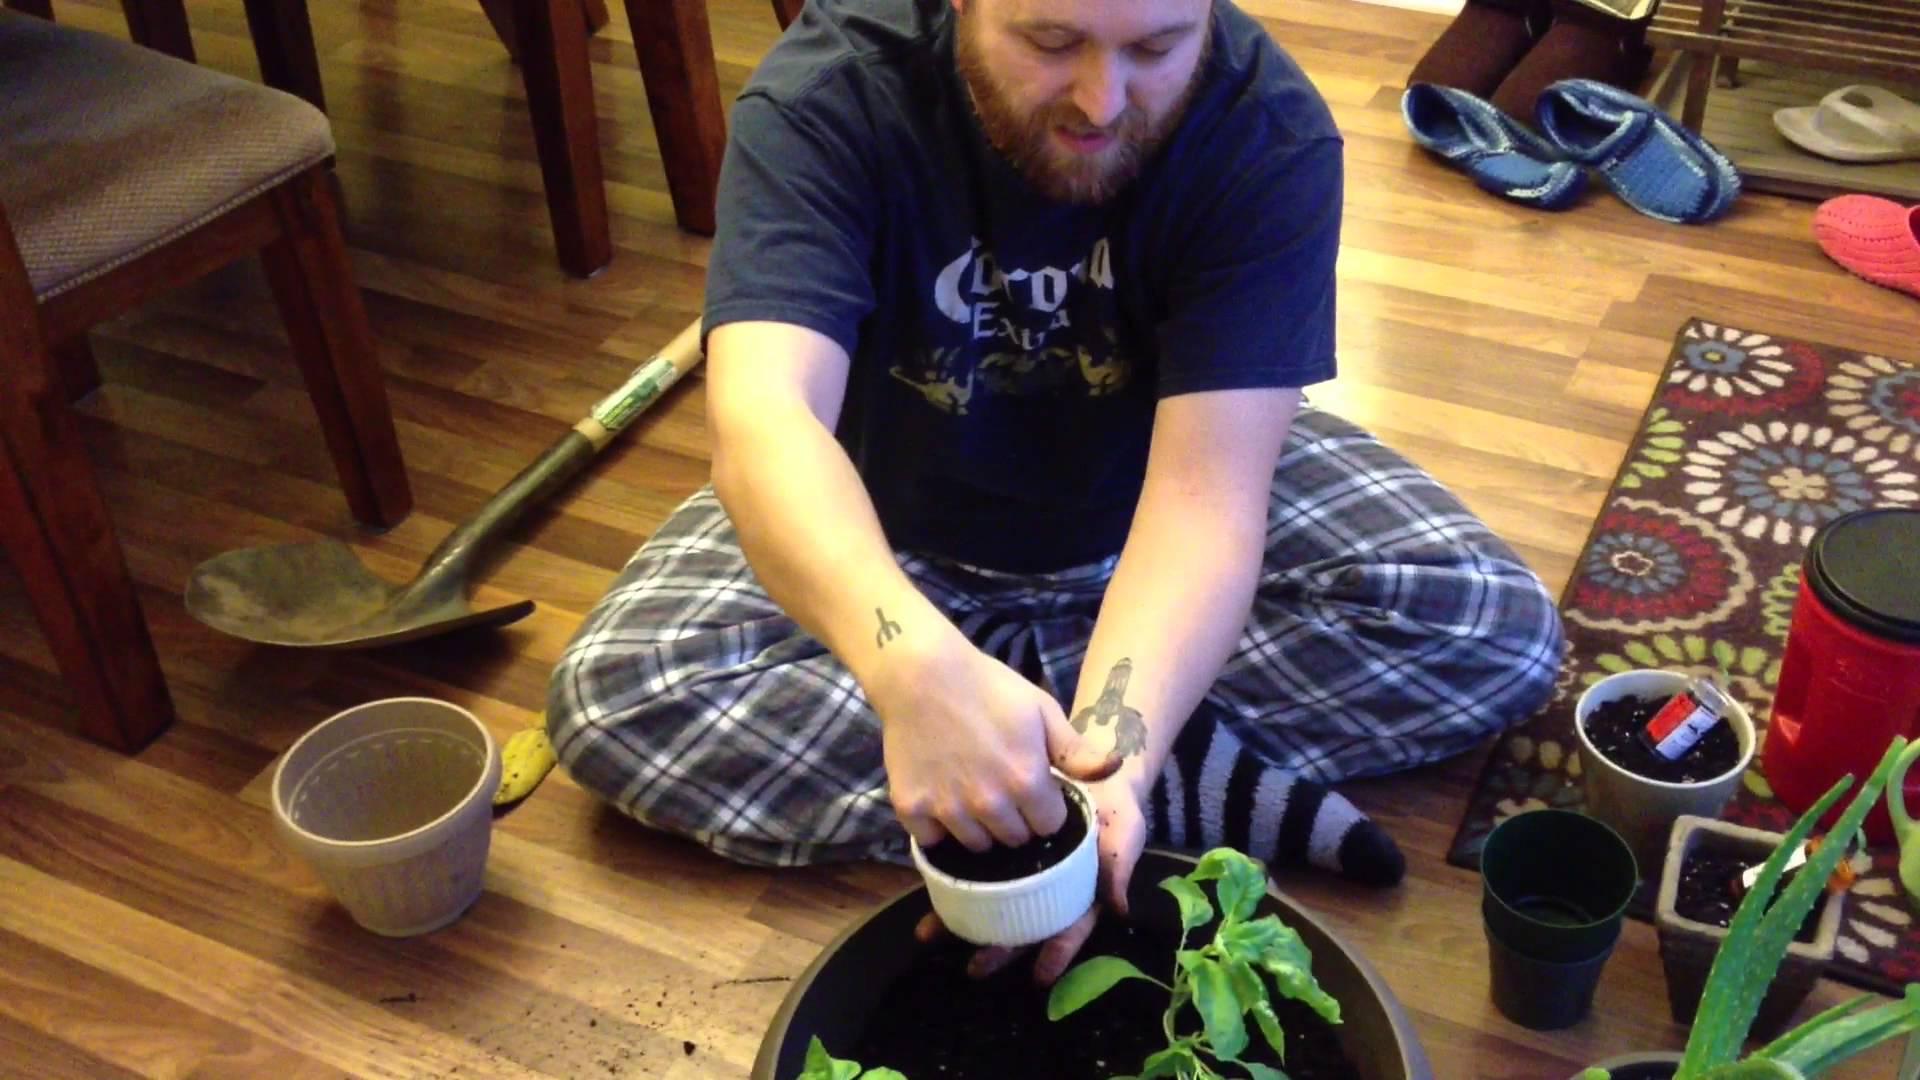 Indoor gardening basil and friends for Indoor gardening expo 2014